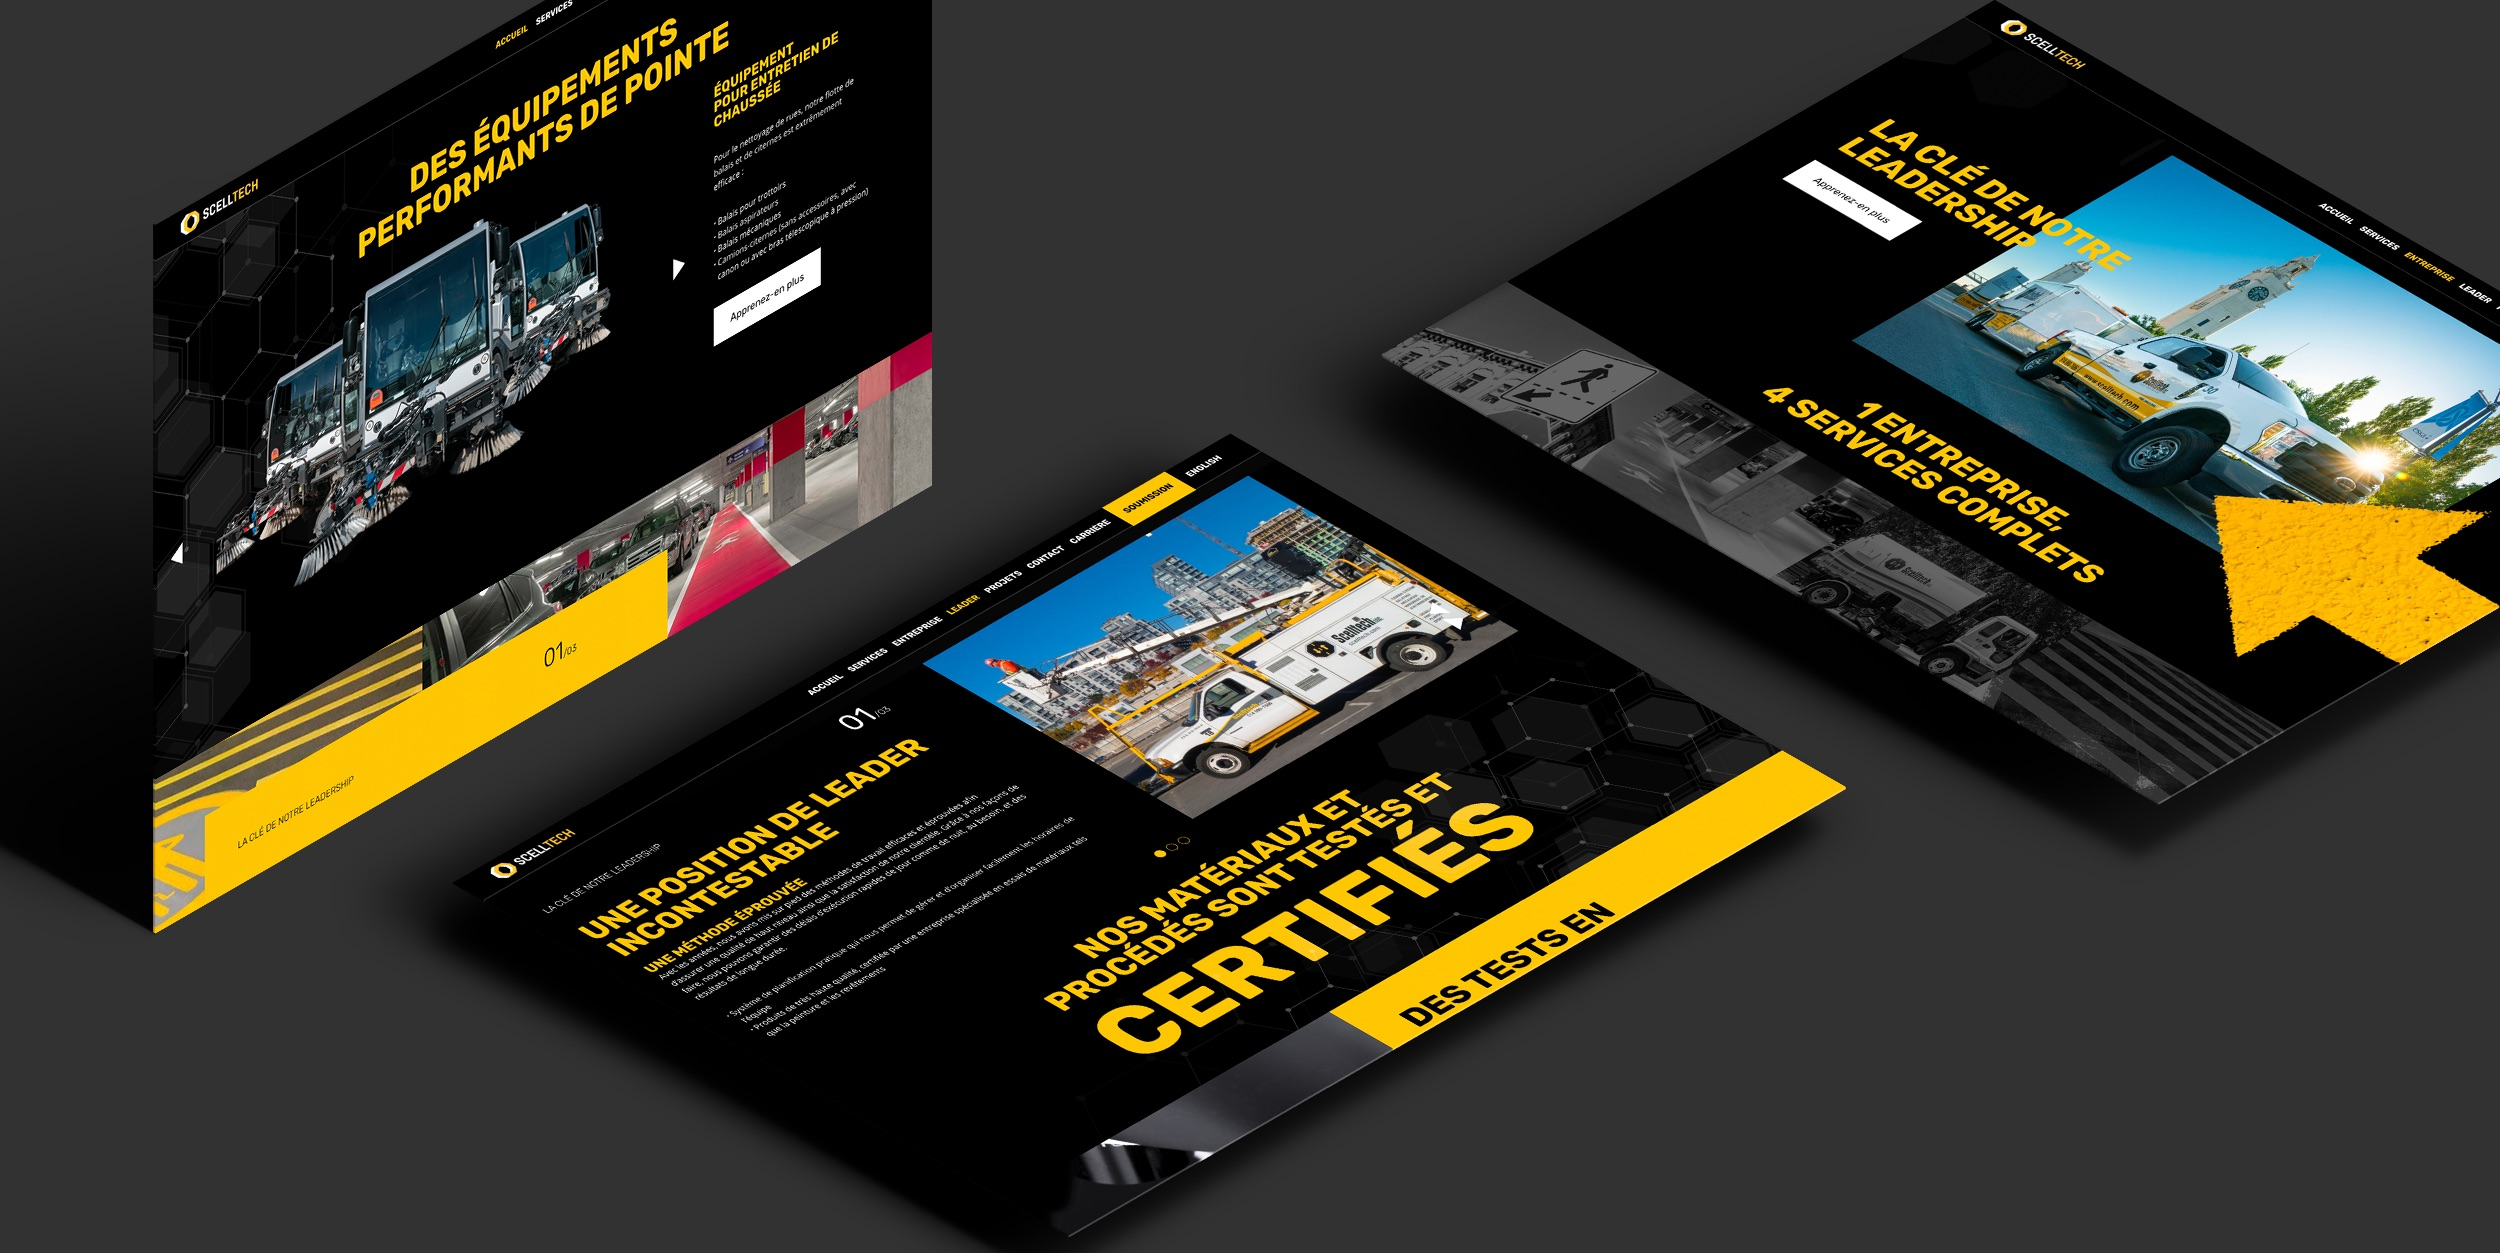 Site Web | Projet de design Web | Concept visuel solide